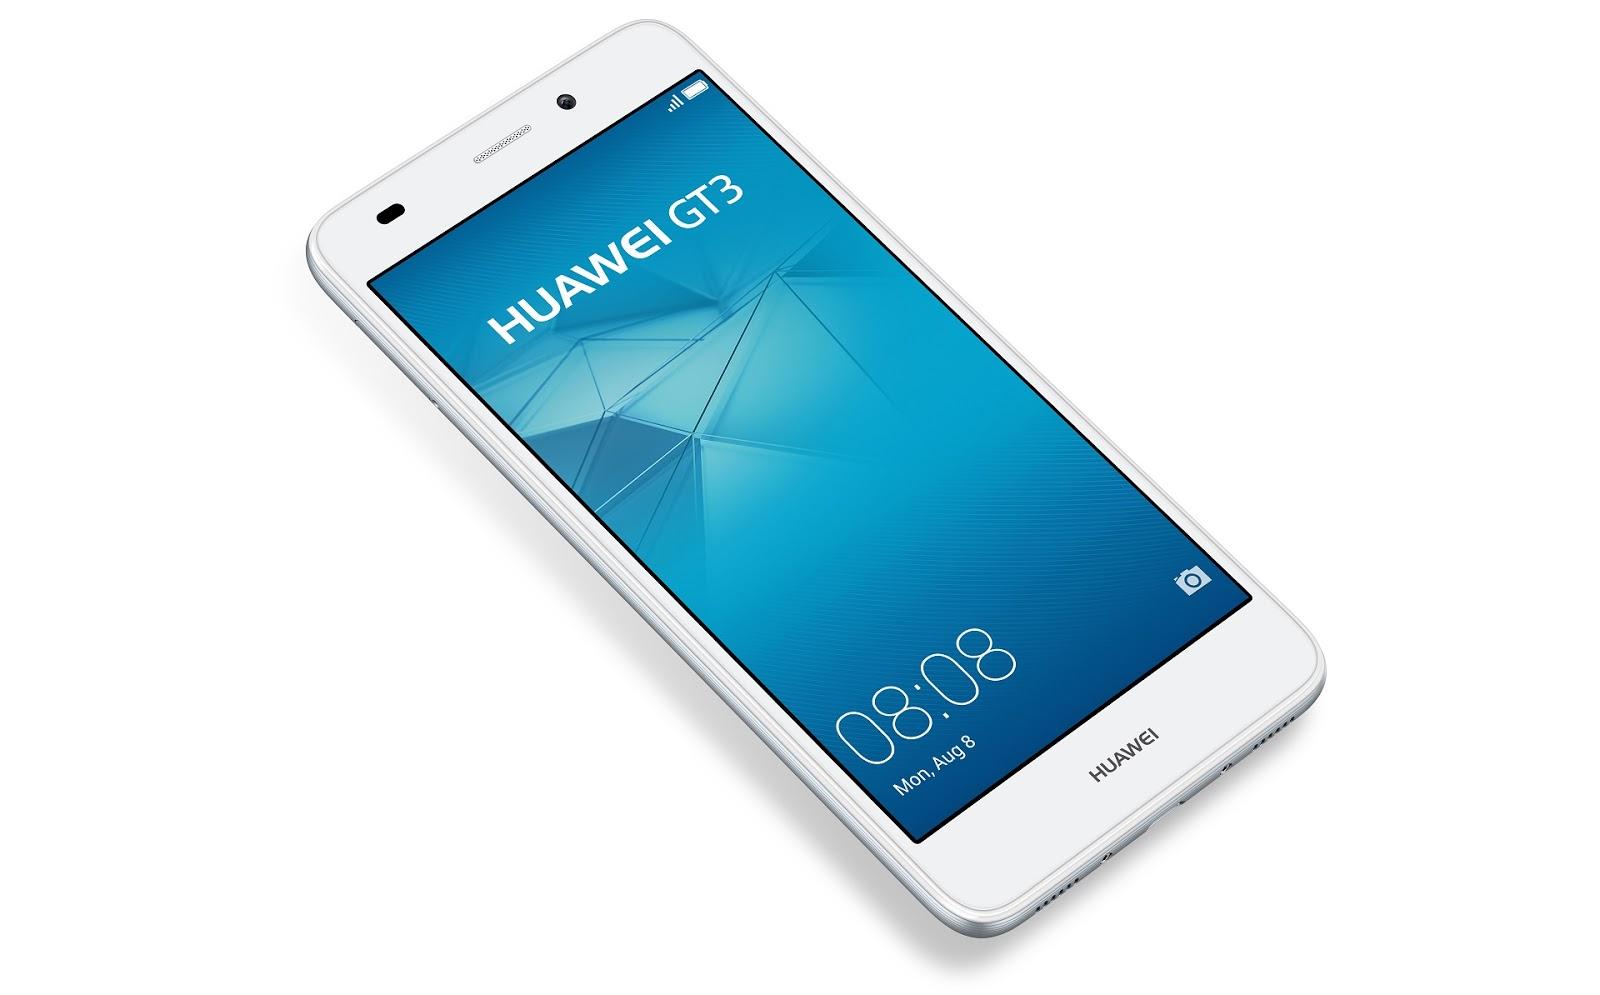 Huawei GT3 come cambiare suoneria messaggi, notifiche e chiamate